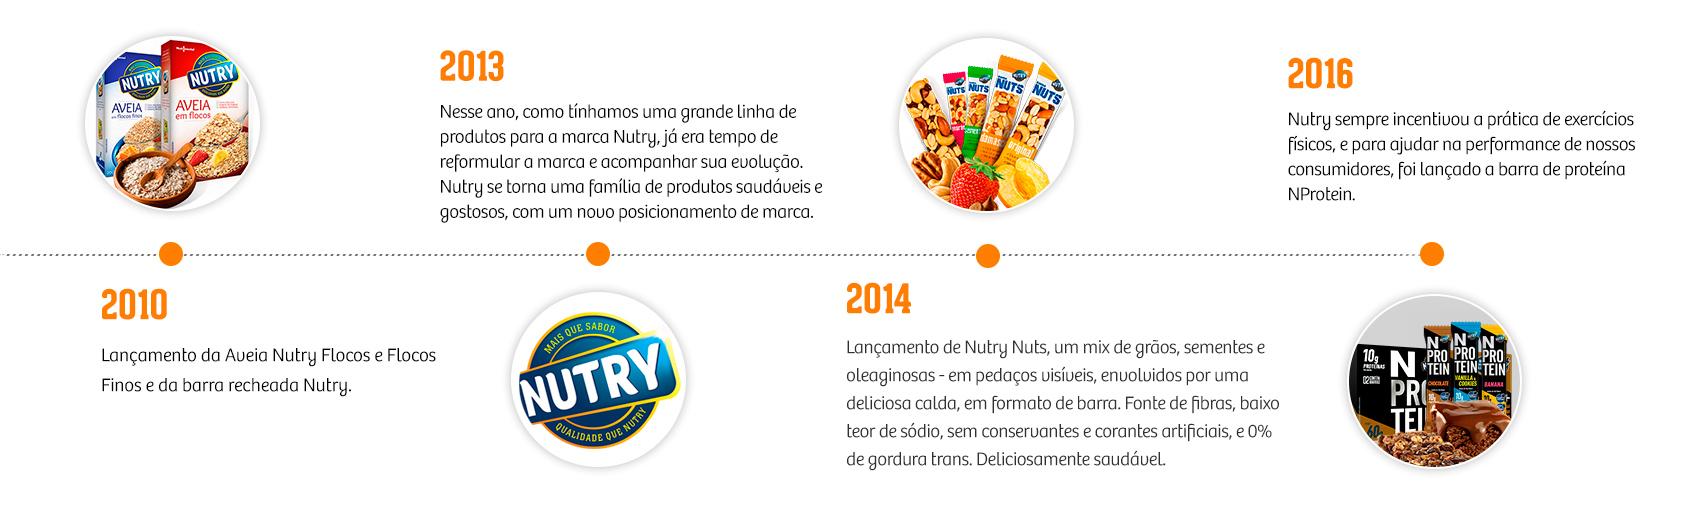 Nossa História Nutry